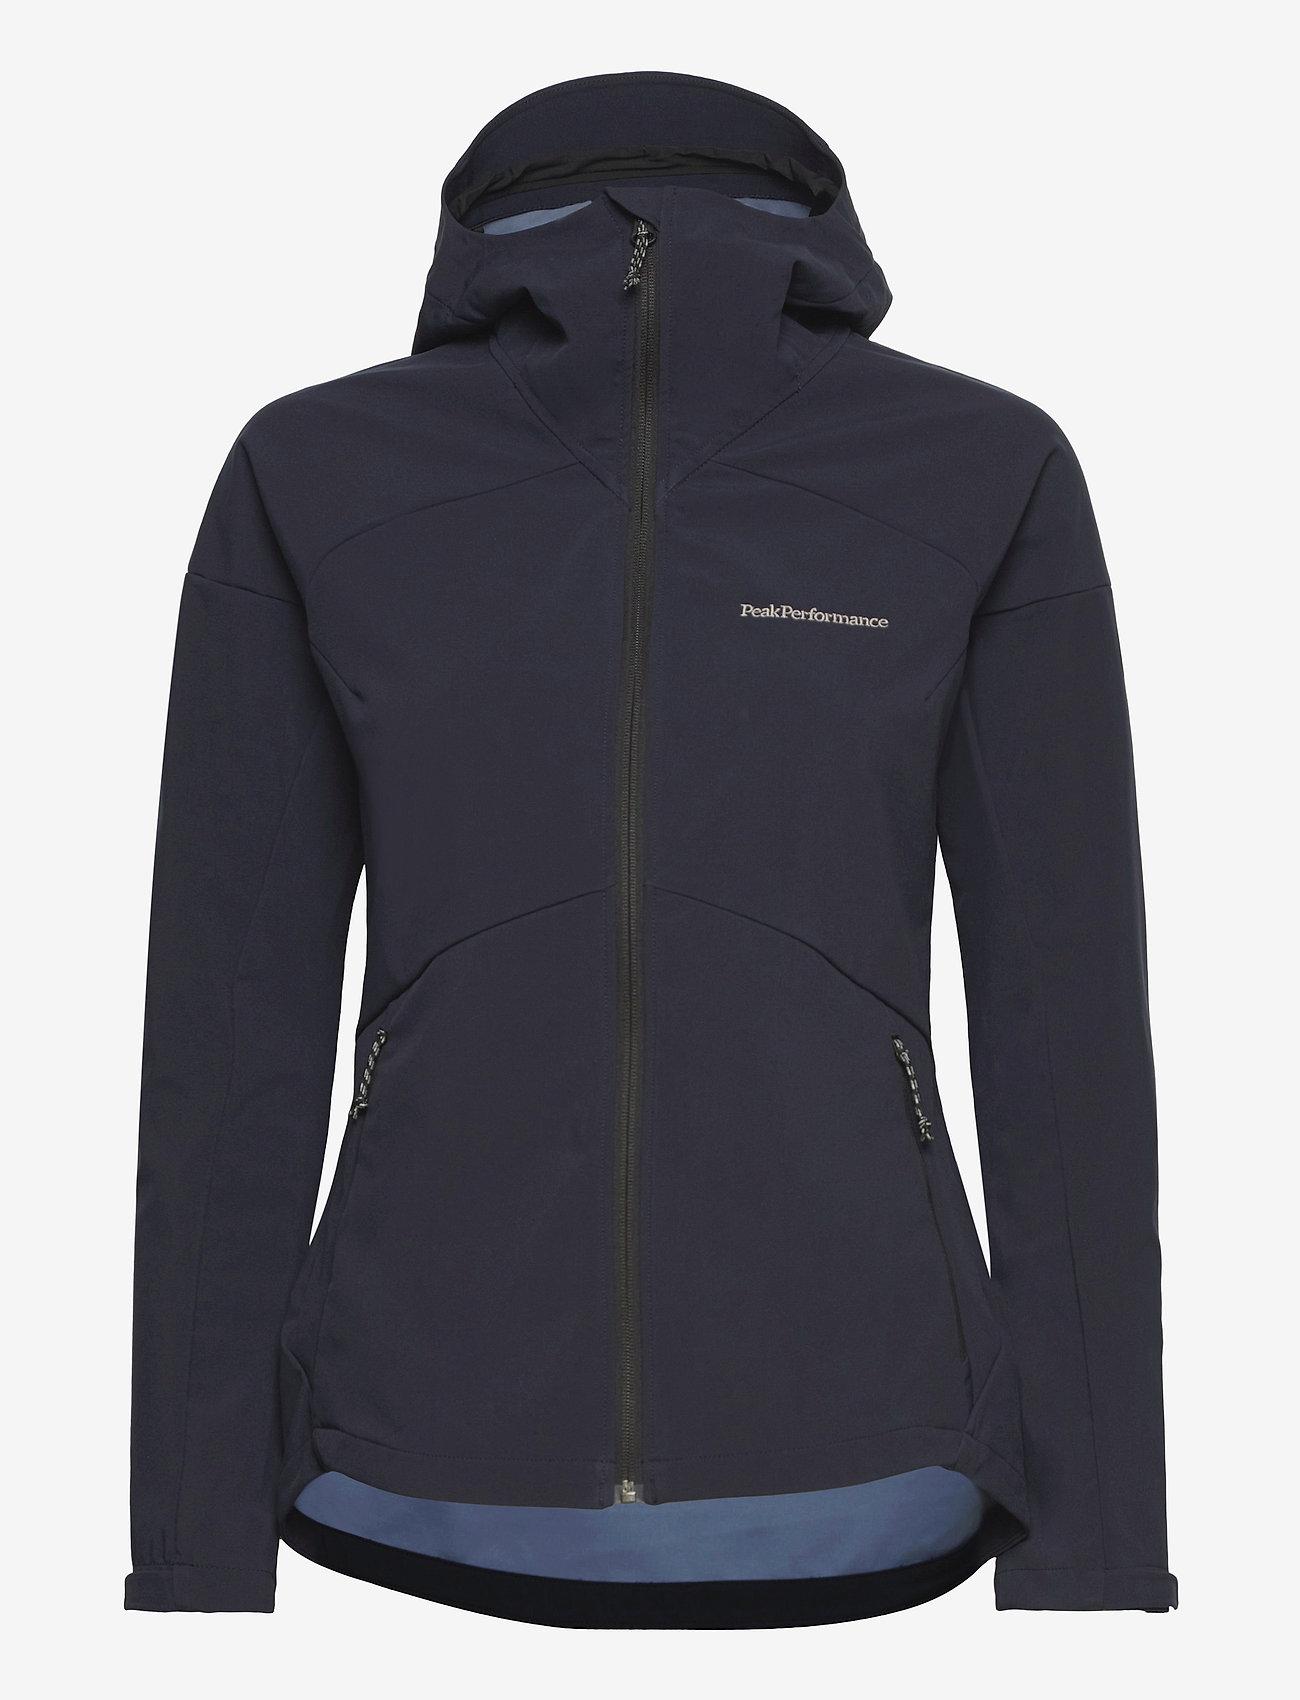 Peak Performance - W Adventure Hood Jacket - ulkoilu- & sadetakit - blue shadow - 0